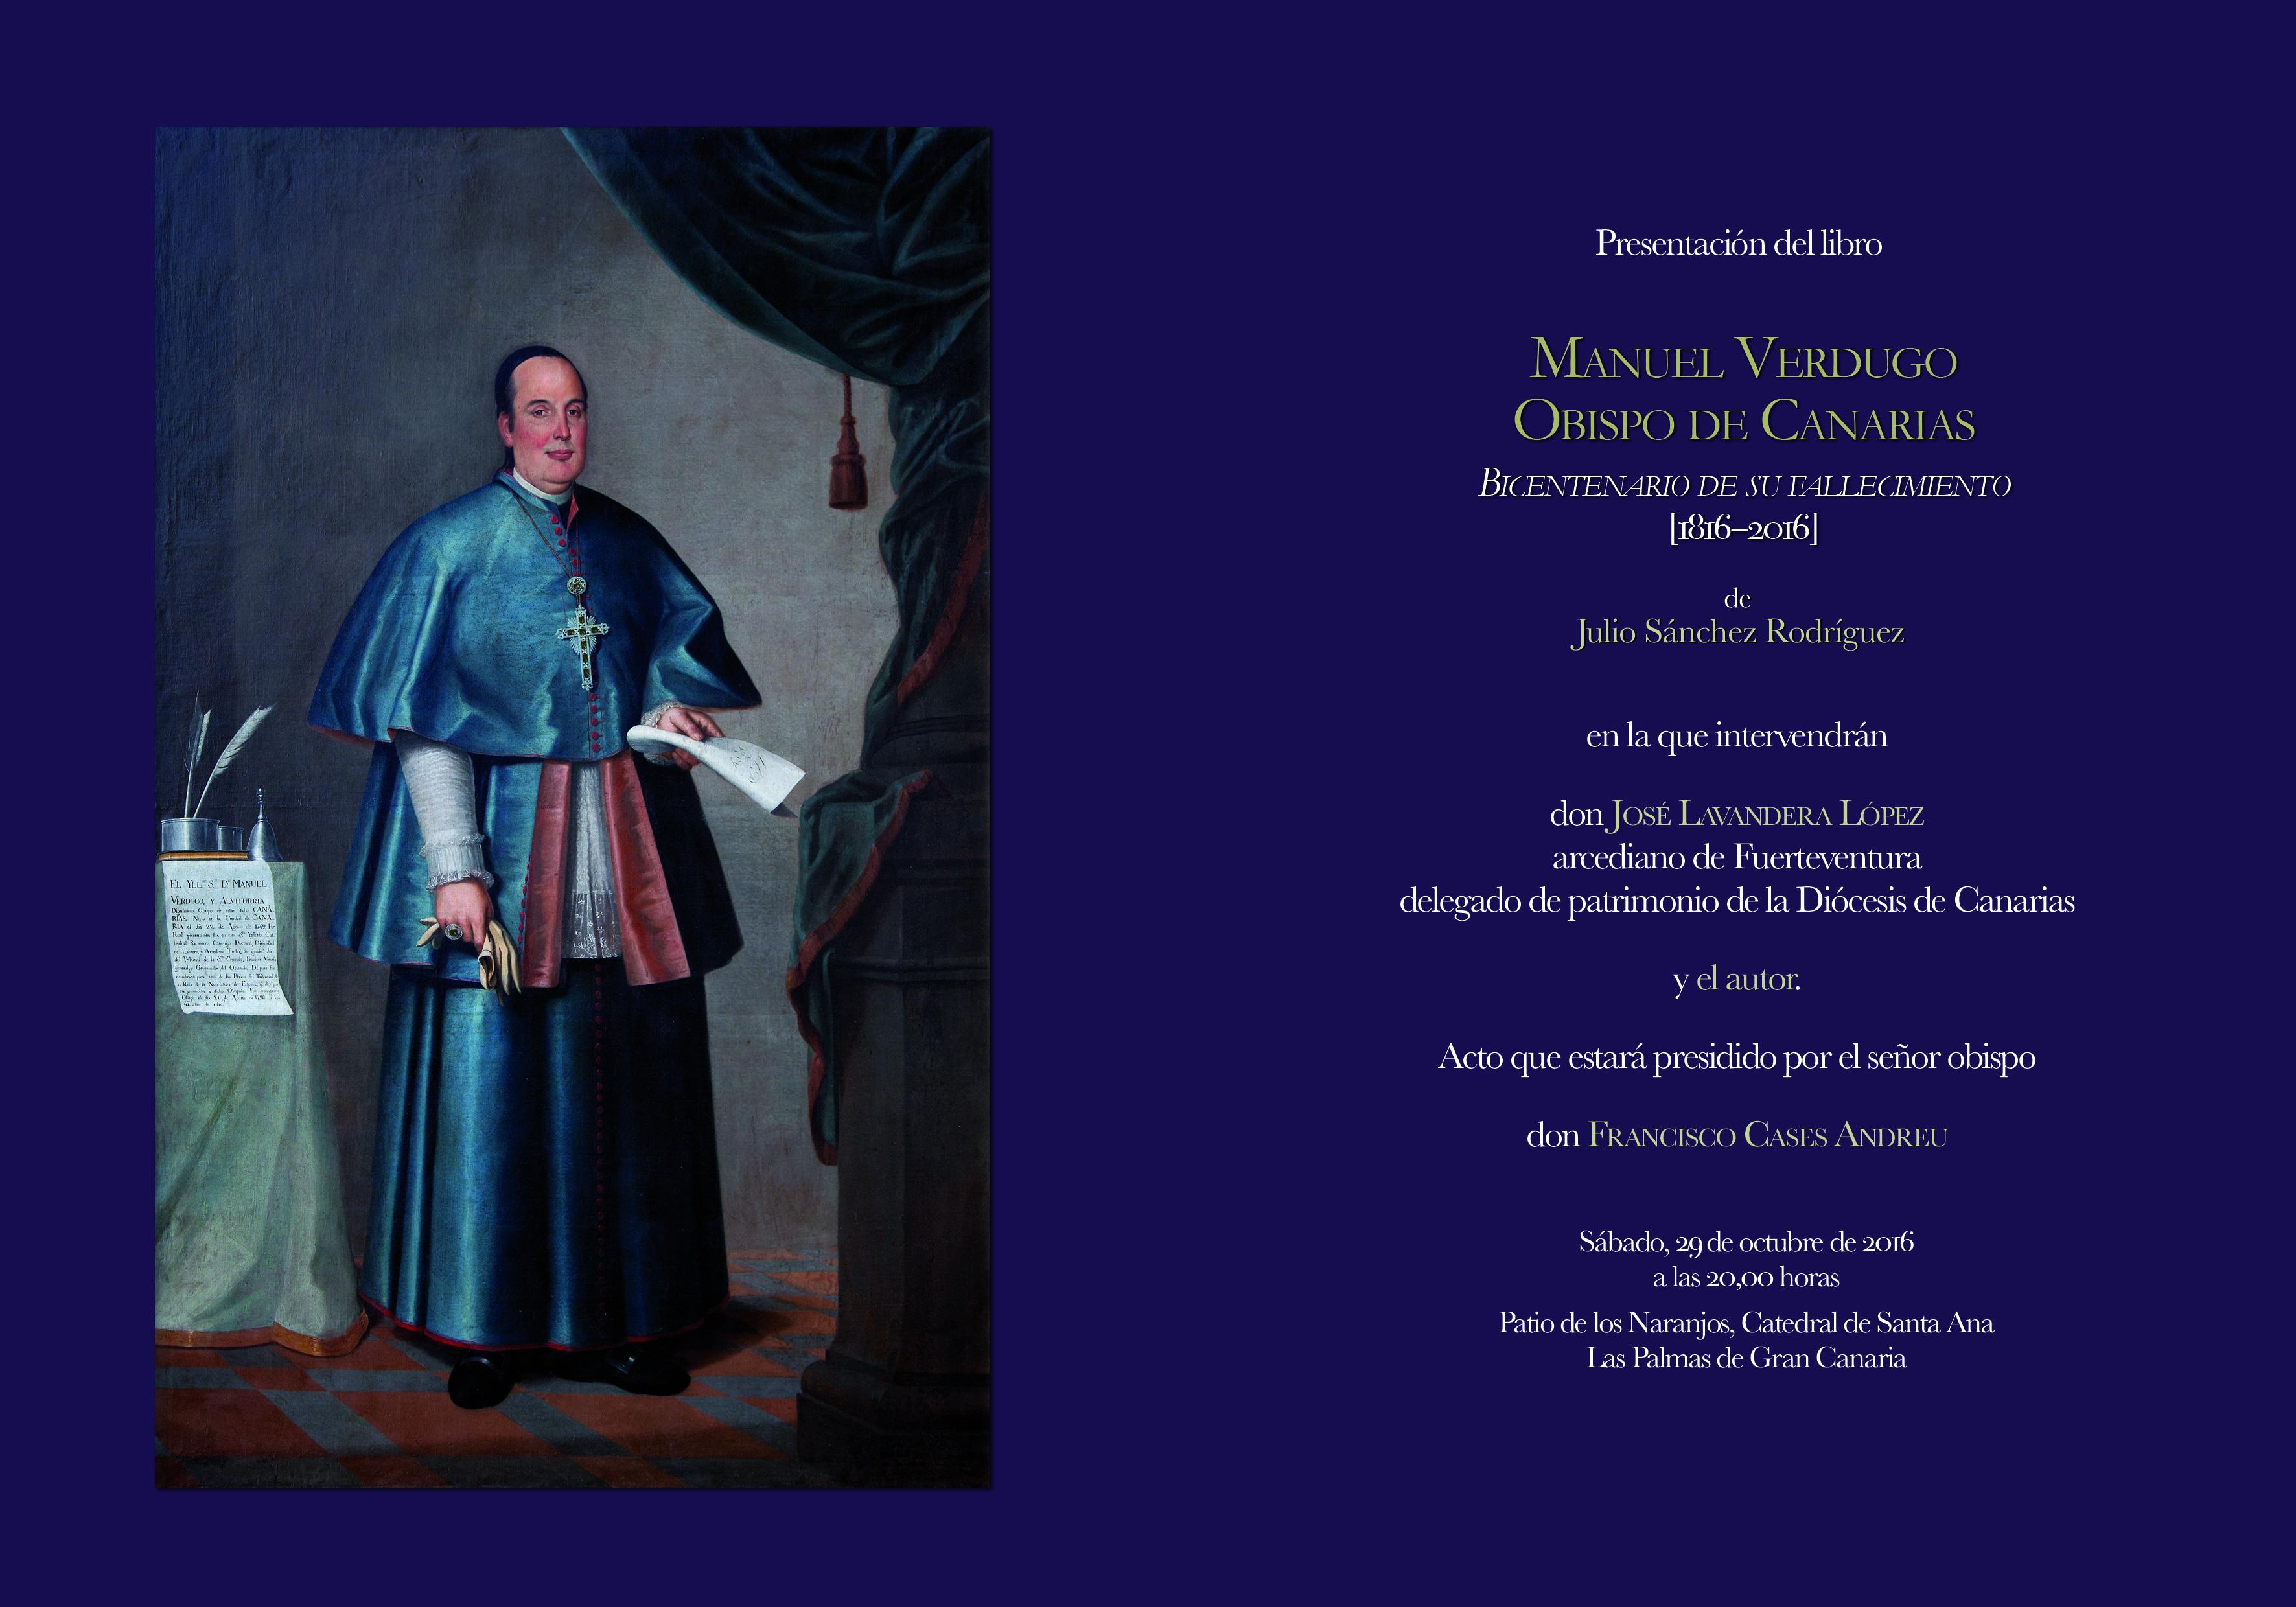 invitacion_verdugo_int